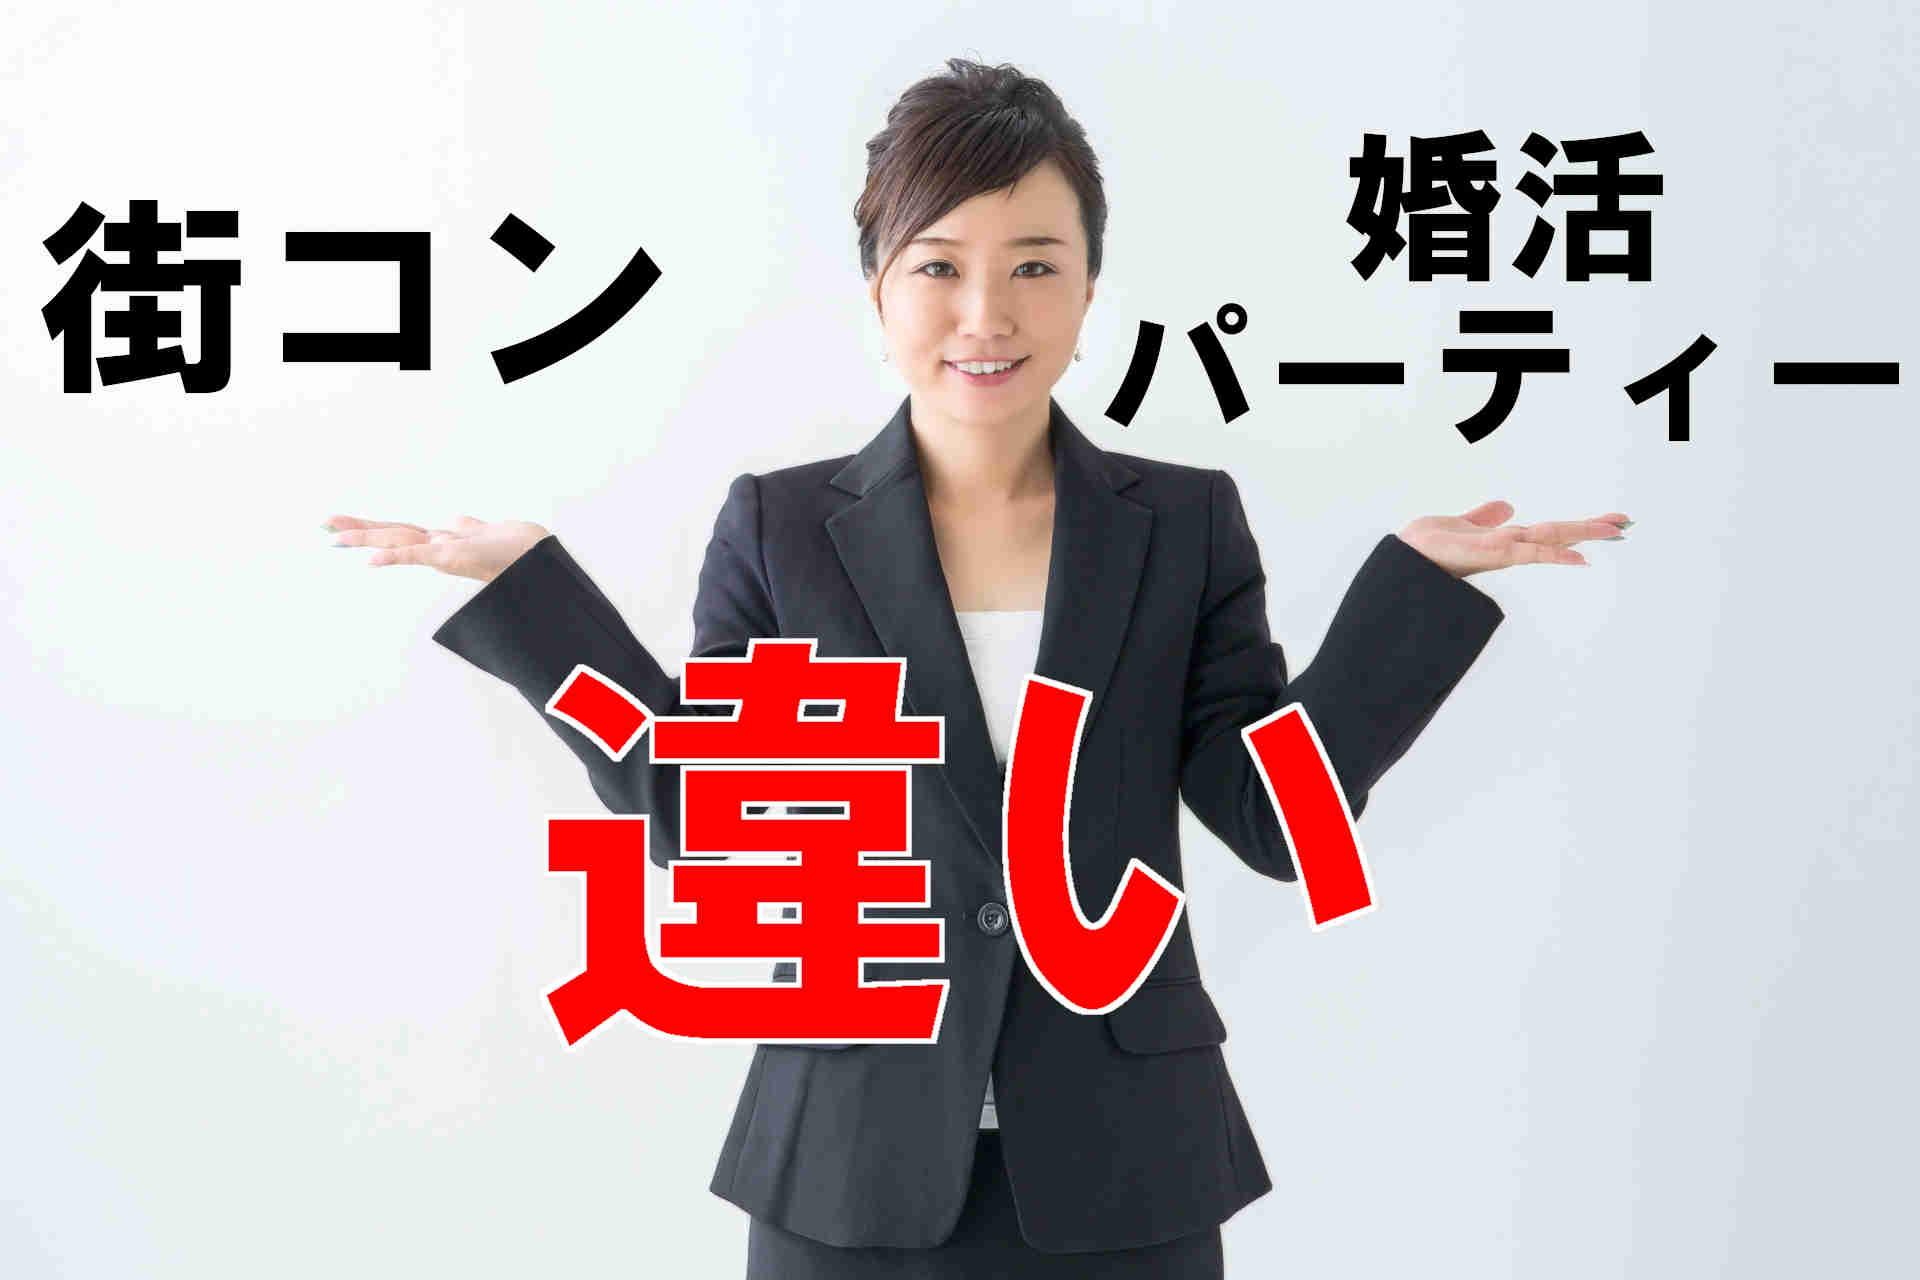 スーツ姿の女性、両手に「街コン」と「婚活パーティー」の文字